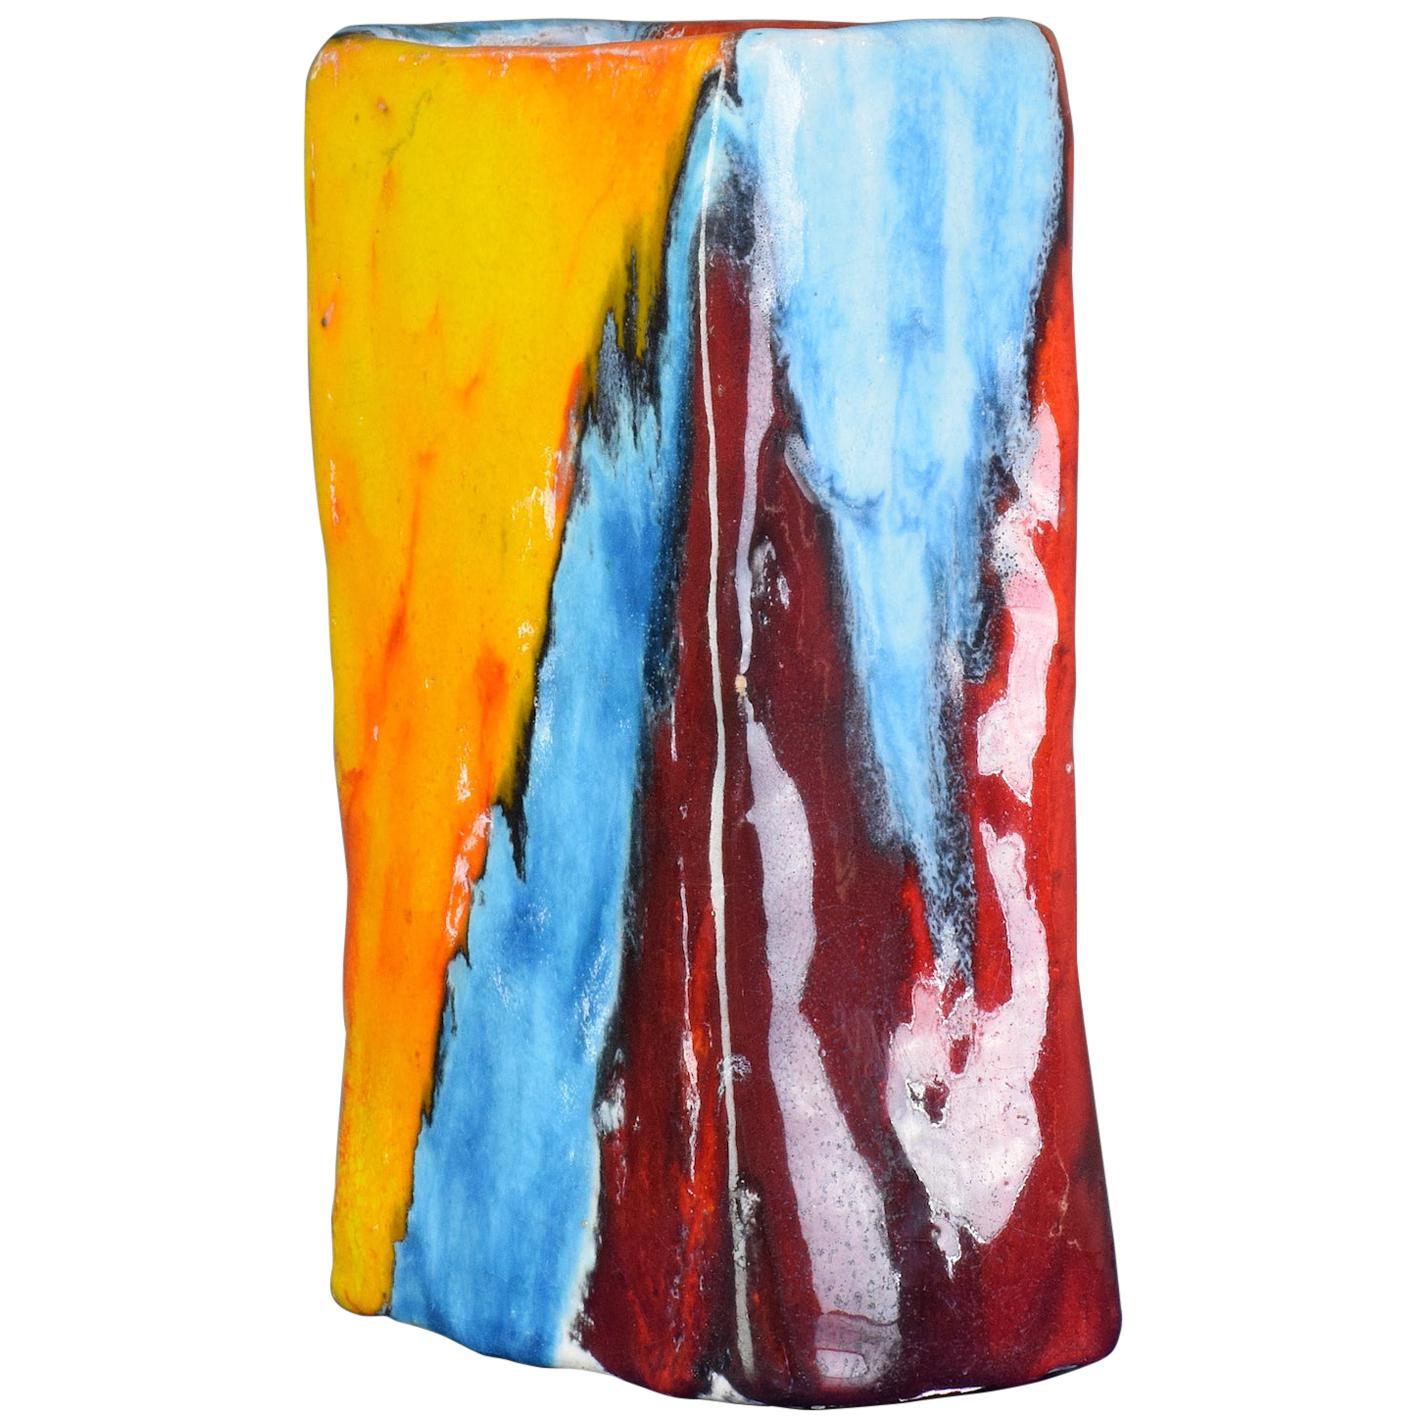 Italian Multi-Color Vintage Ceramic Vase, 1970s